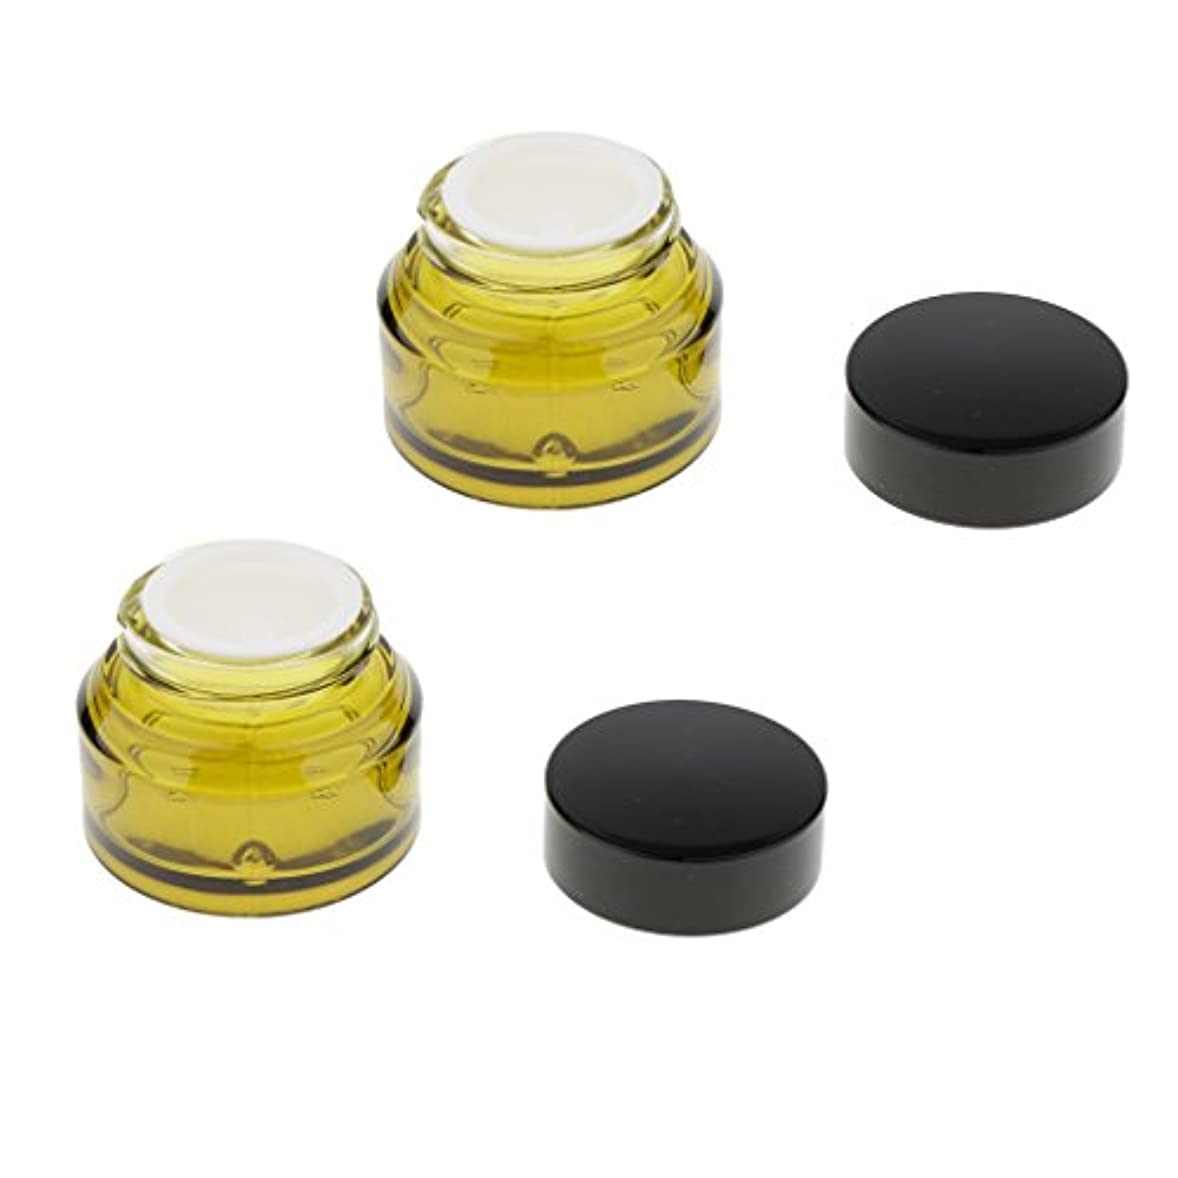 継続中火炎いろいろToygogo 化粧品 容器 クリームボトル ガラス 瓶 アロマ クリーム ローション 保存 詰替え 3サイズ選べ - 30g